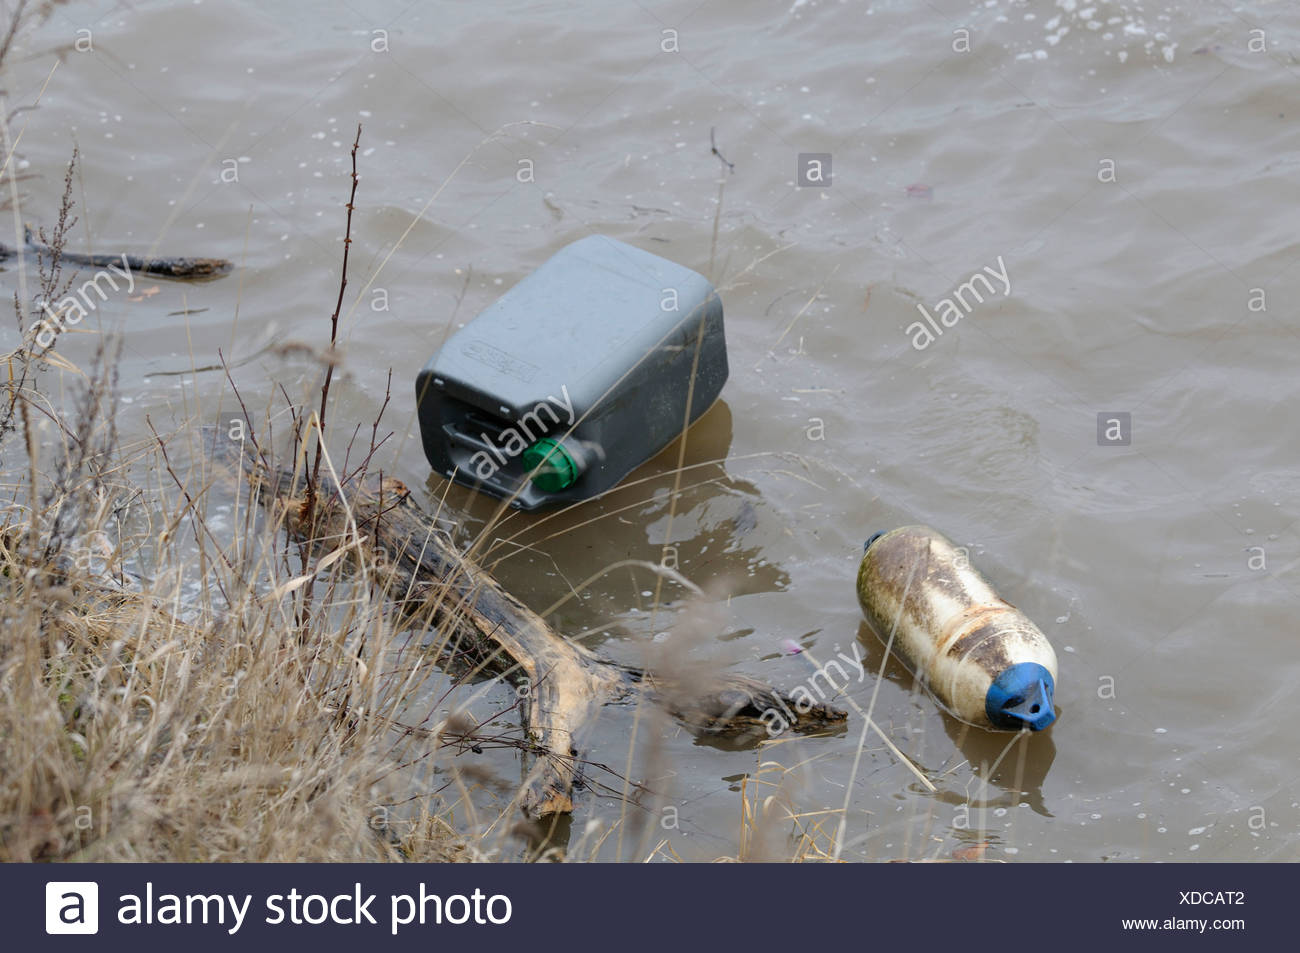 Rivière en crue avec des objets flottants le long de la Banque mondiale, la pollution de l'environnement Photo Stock